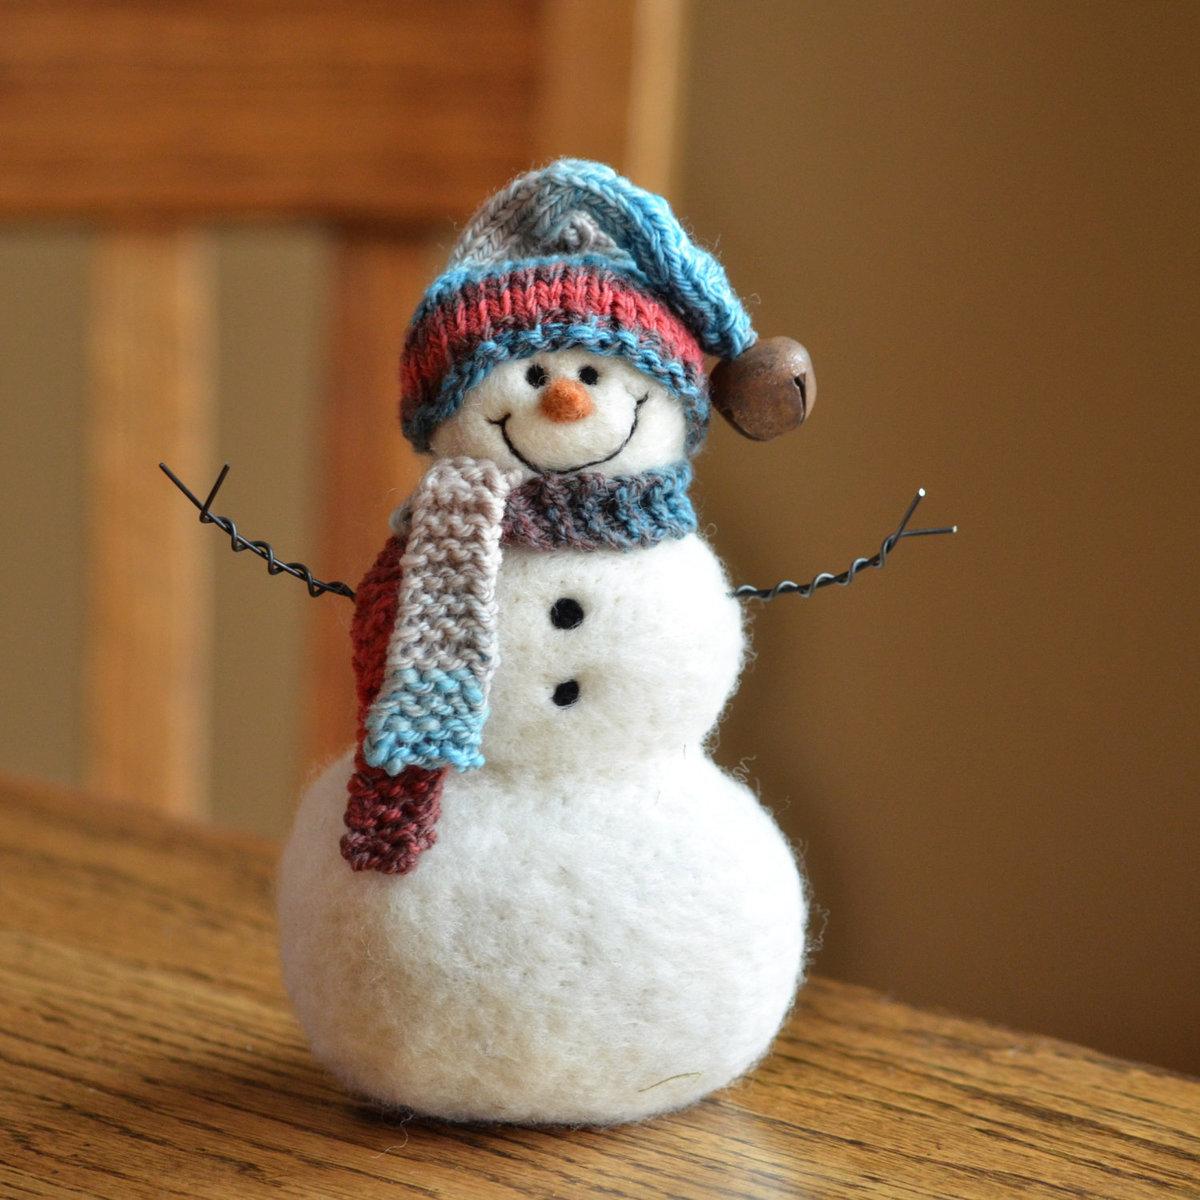 Сшить снеговика своими руками: выкройка, пошаговый мк, подборка схем